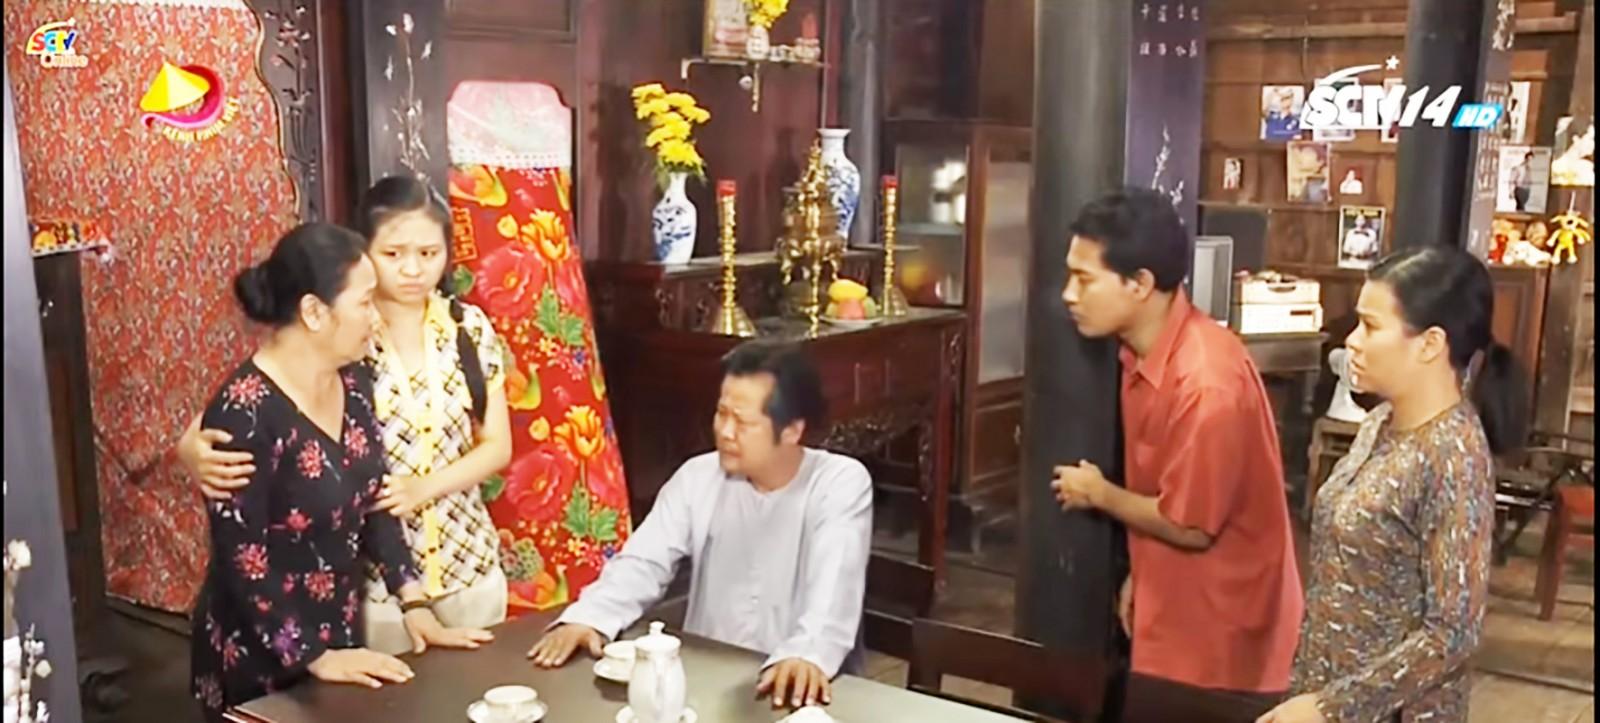 Gia đình ông Ba Đía trở nên xào xáo khi ông quyết định bỏ vợ để cưới Quế Ngọc.